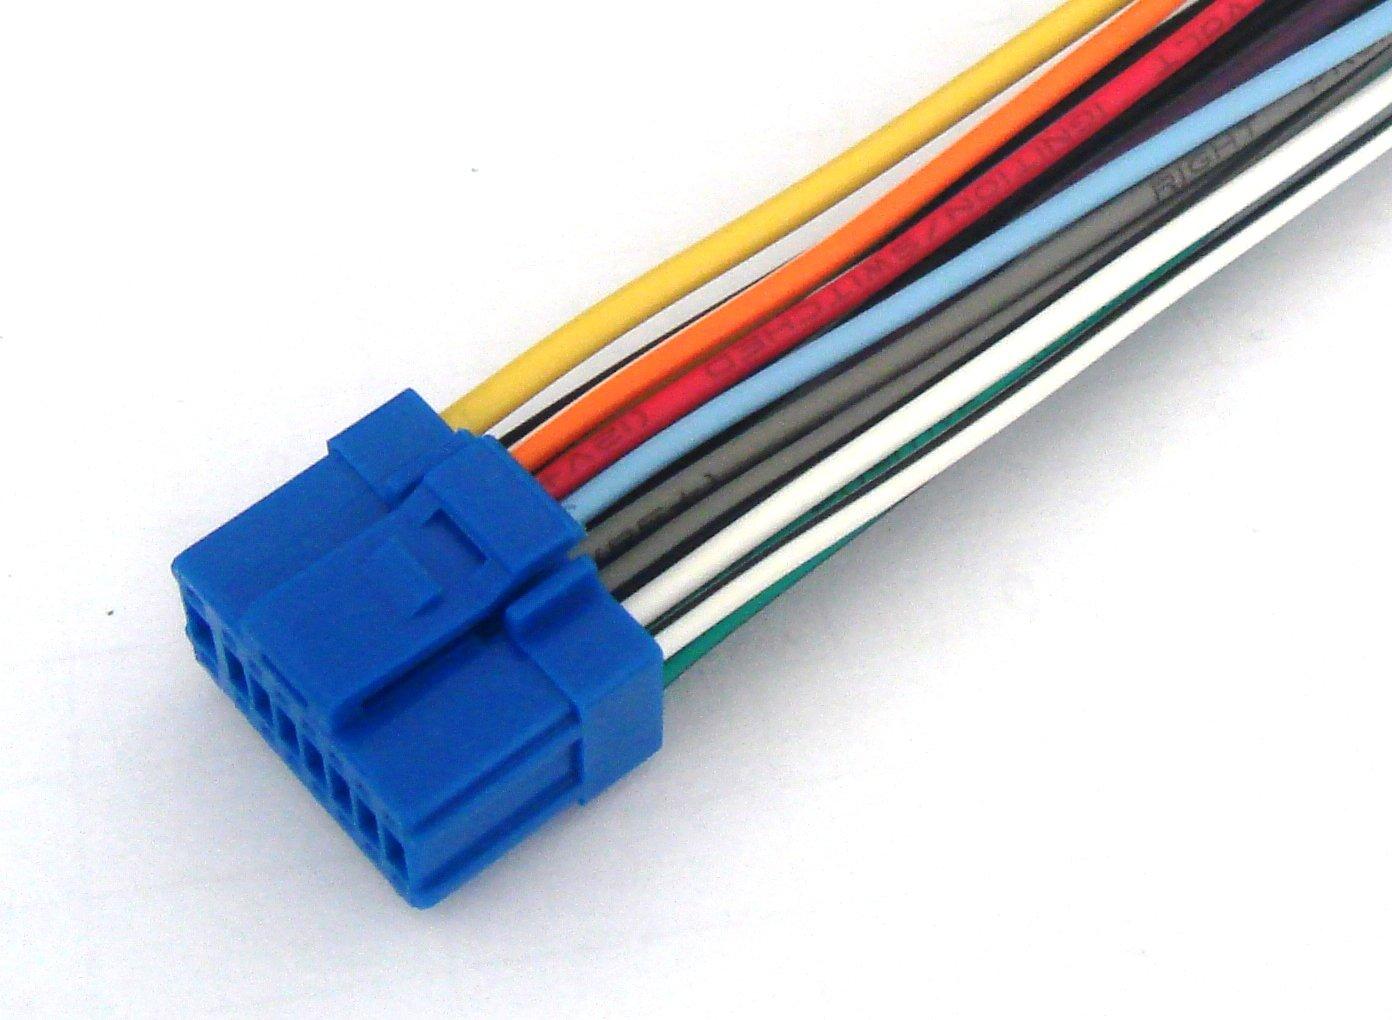 Pioneer Avic N1 N2 N3 N4 N5 Power Cord Harness Wiring Diagram Plug Electronics